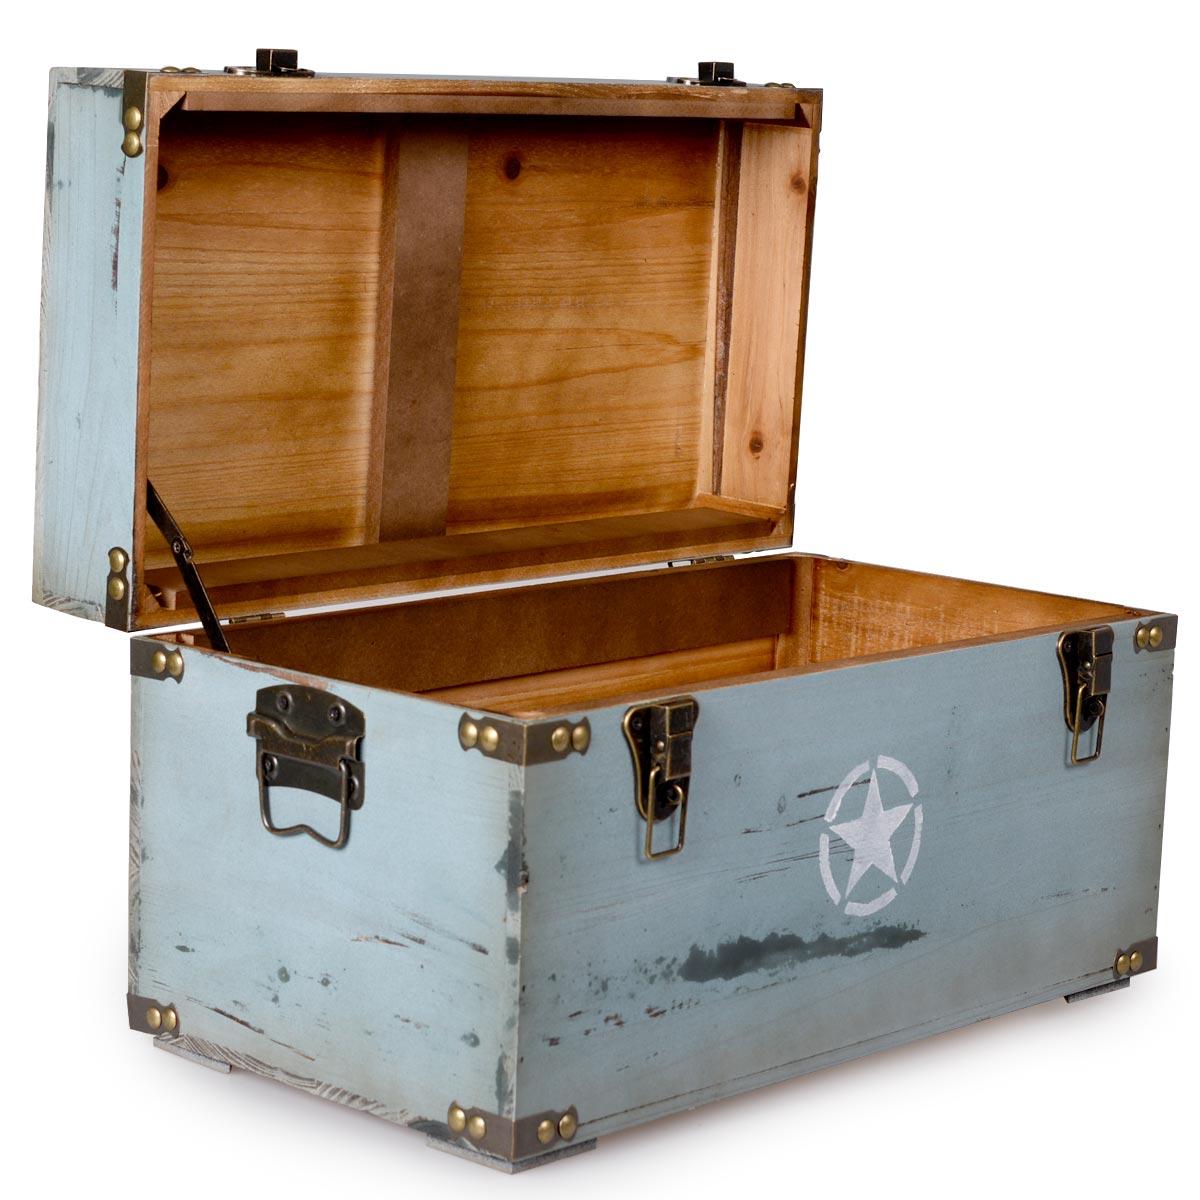 Ξύλινα κουτιά αποθήκευσης με χερούλια - Σετ 3 τεμαχίων - OEM 52356